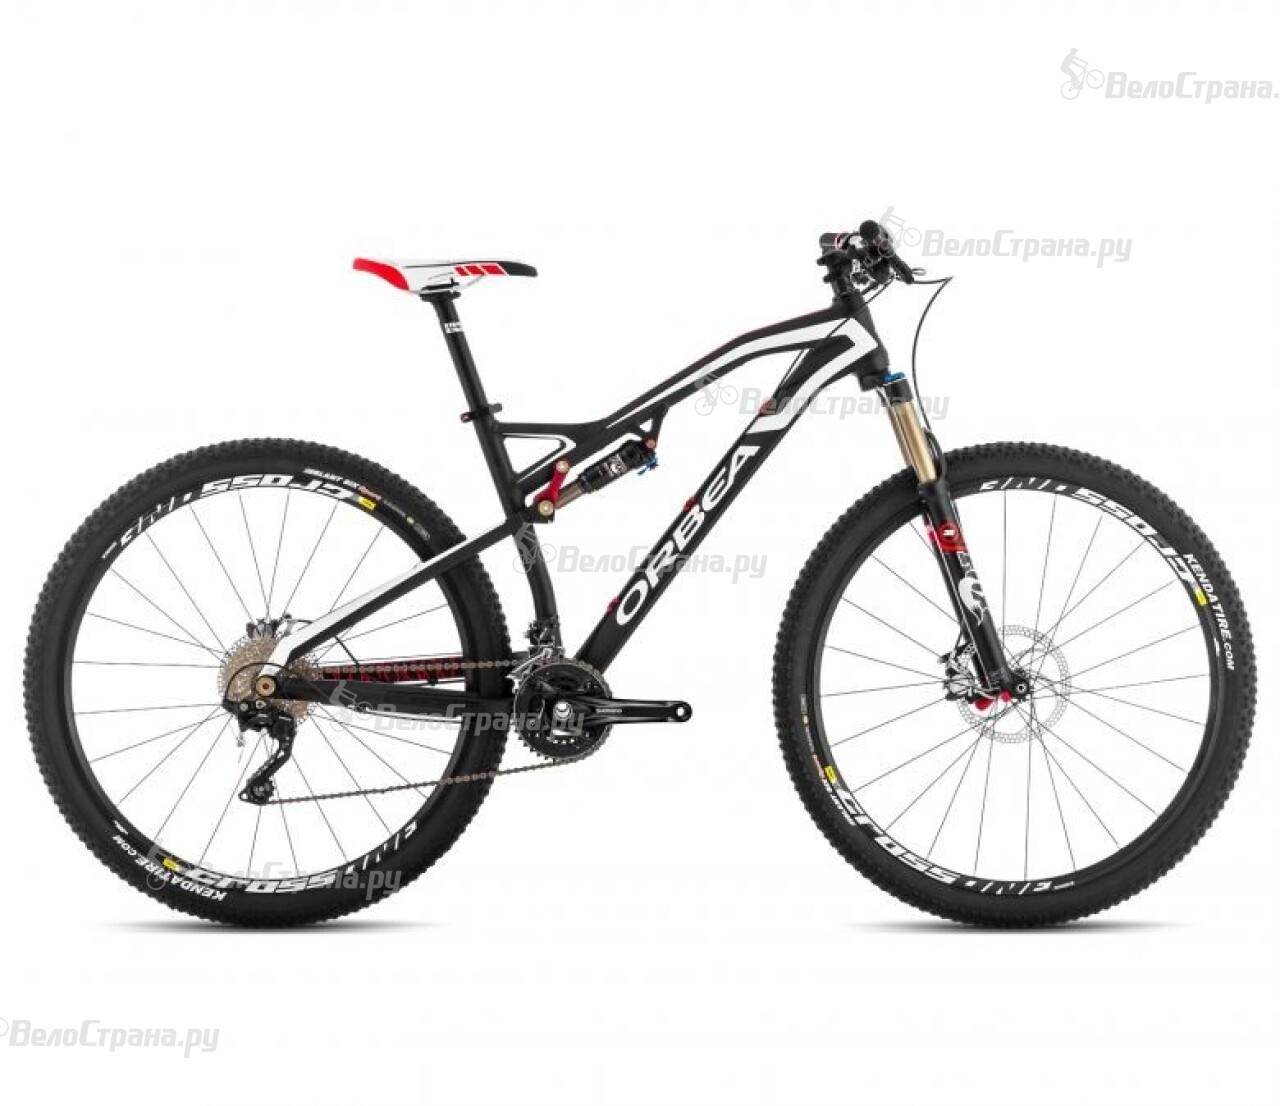 Велосипед Orbea Occam 29 H20 (2014) велосипед orbea occam m10 2014